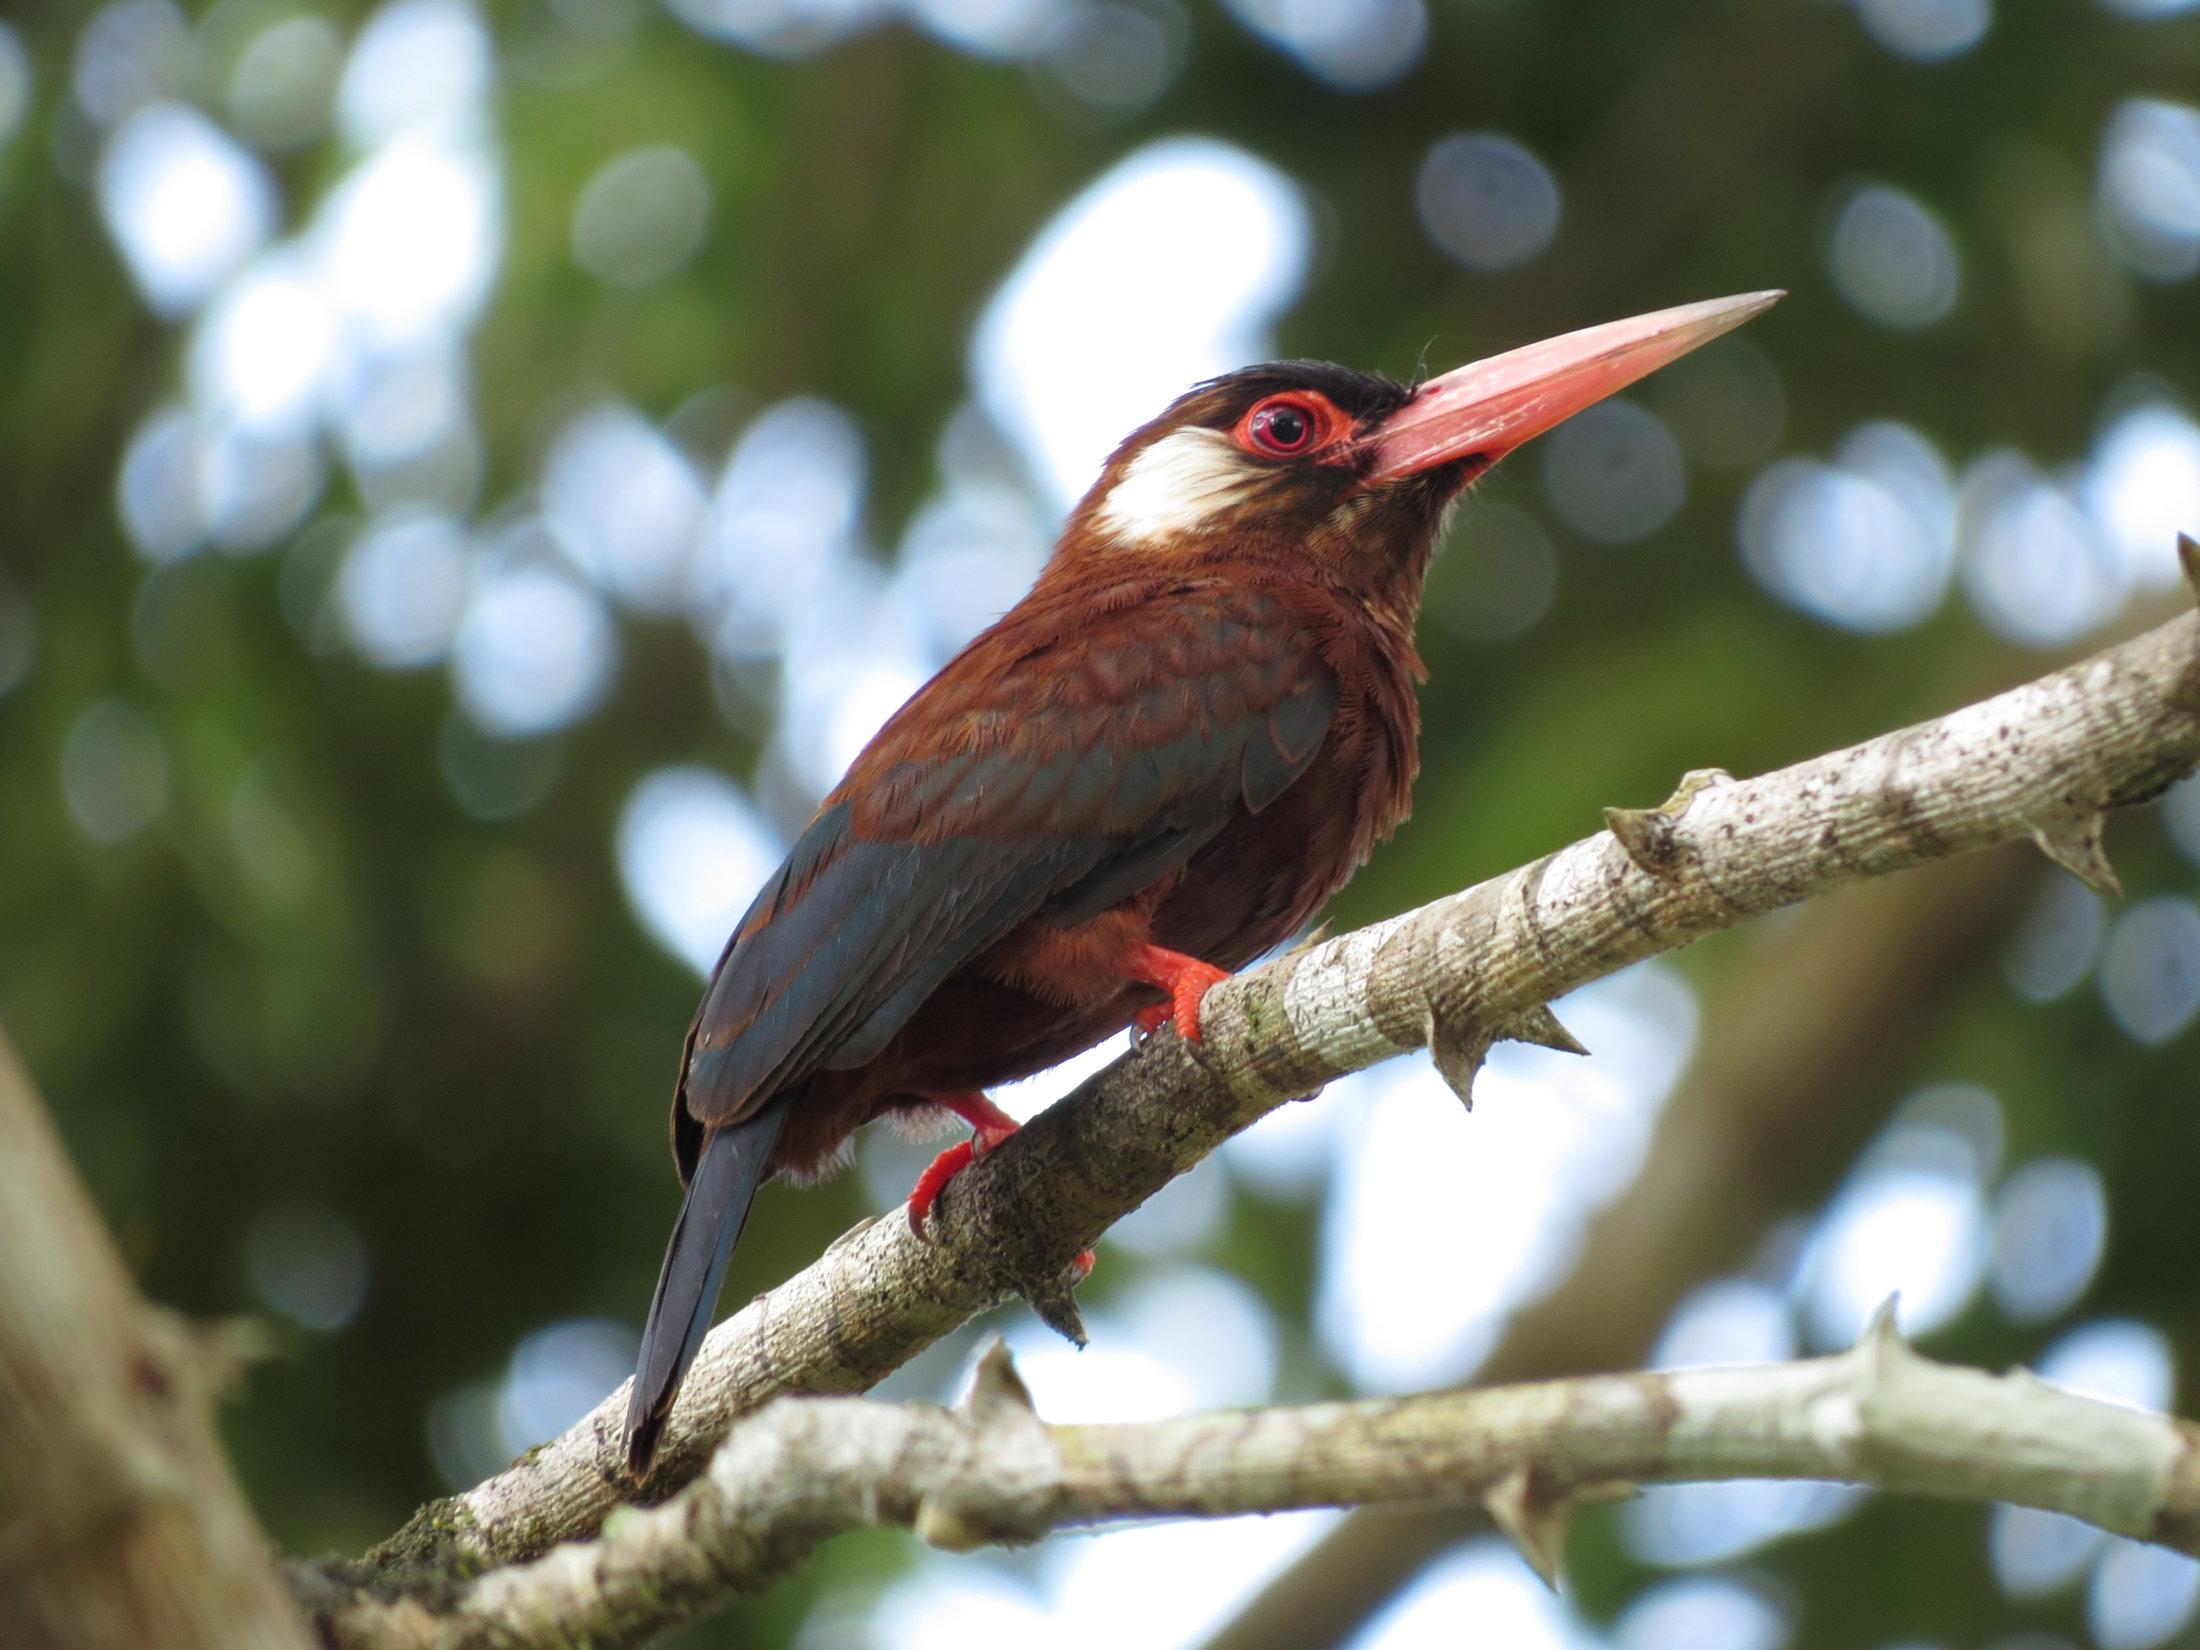 jacamar orejiblanco (galbalcyrhynchus leucotis)